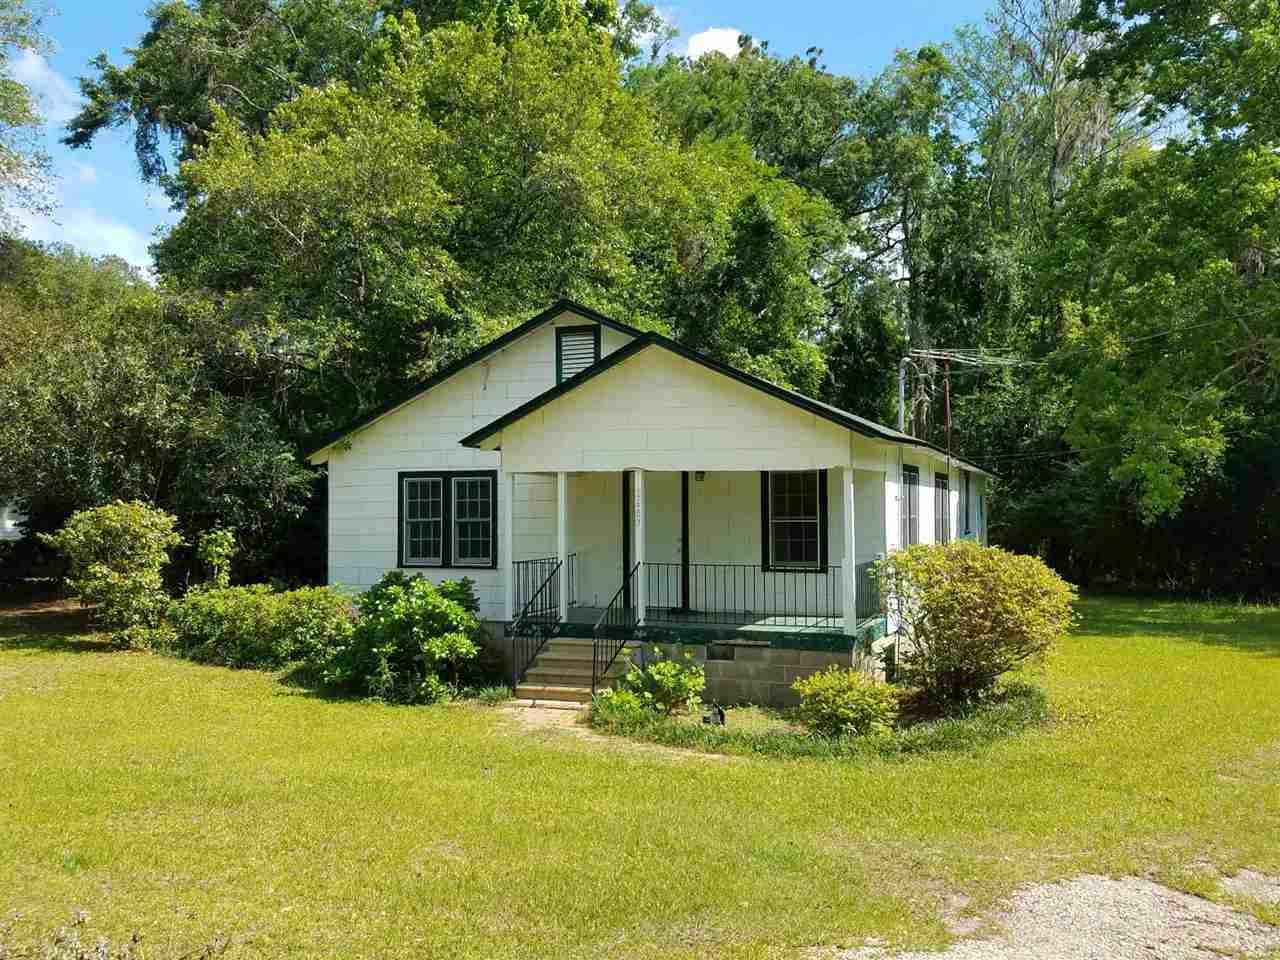 2607 Block Drive, Tallahassee, FL 32304 - MLS#: 318703